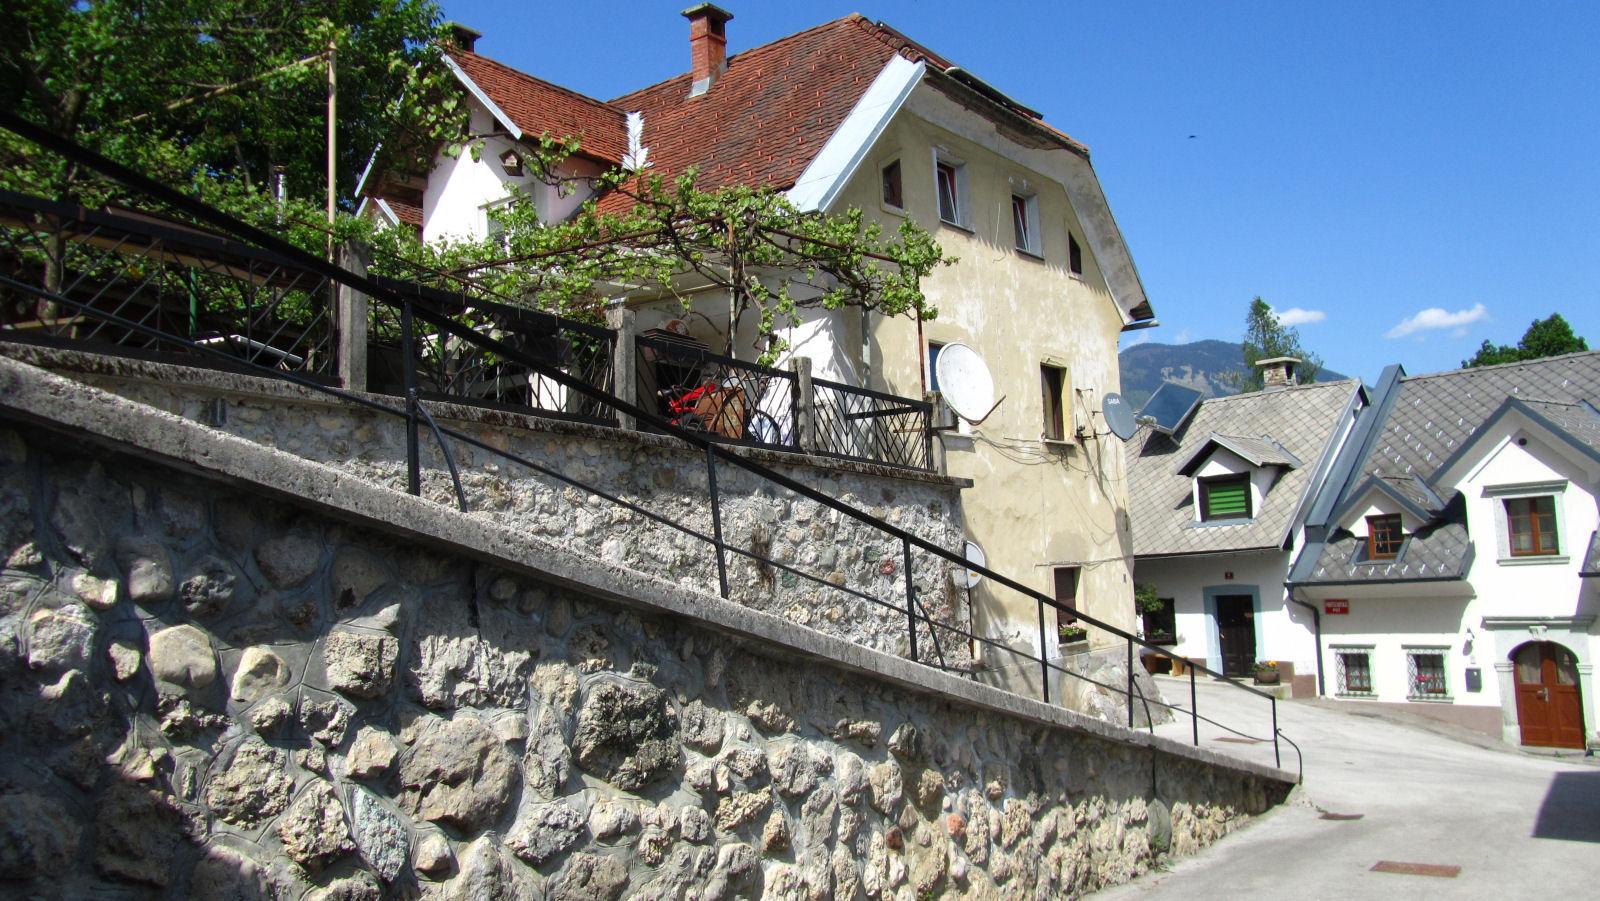 radovljica-medieval-old-town-8462